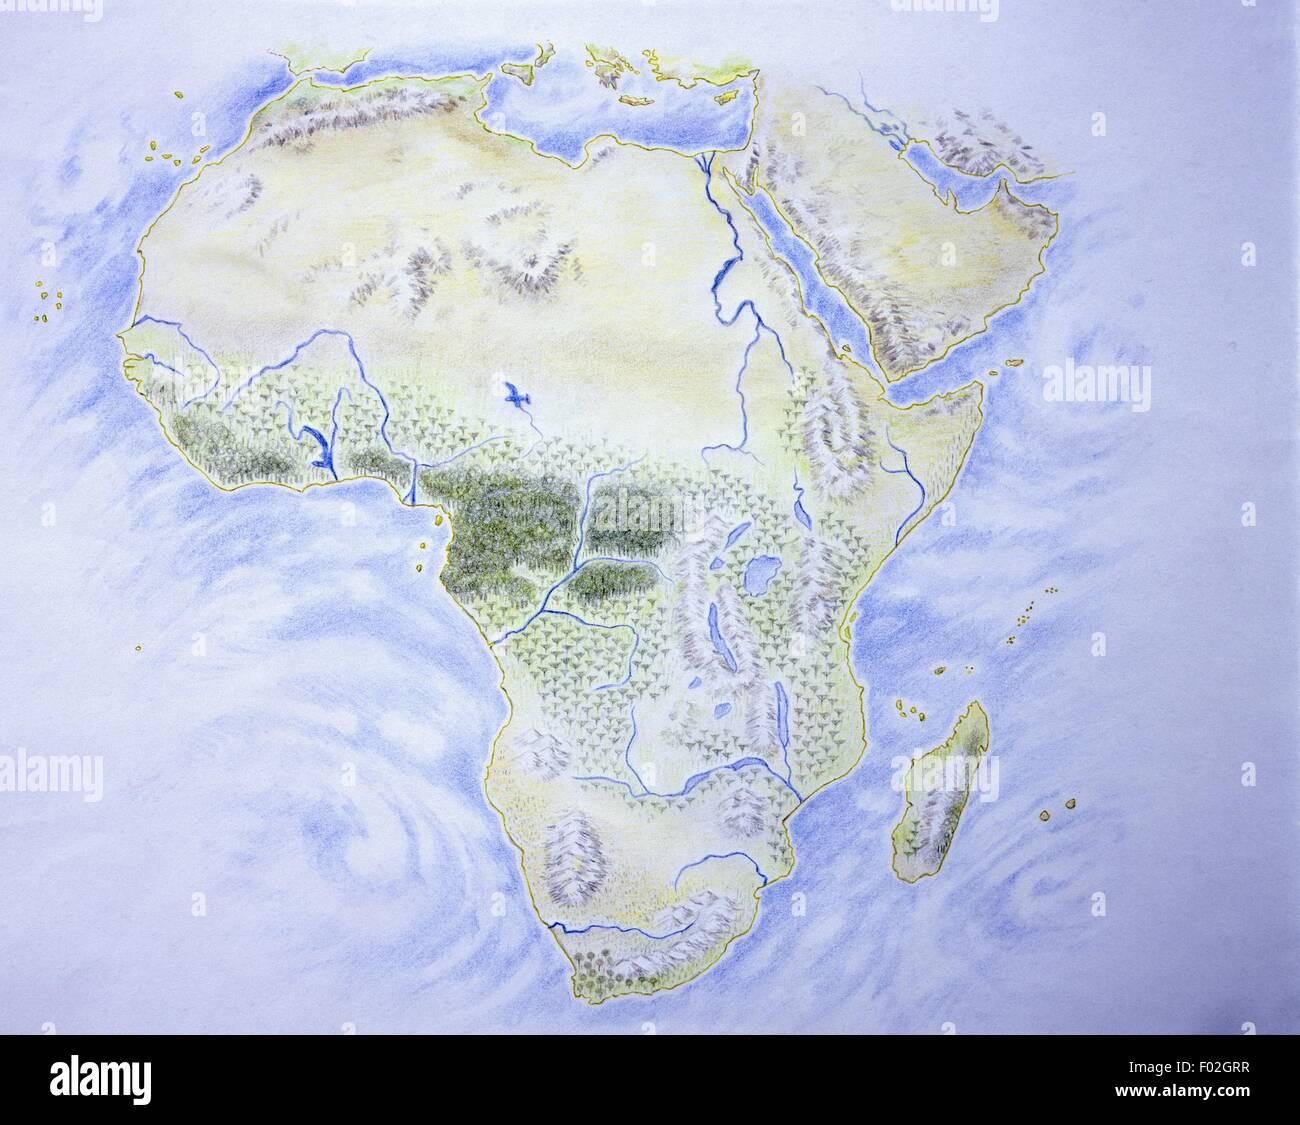 Cartographie - Carte de l'Afrique, illustration Photo Stock